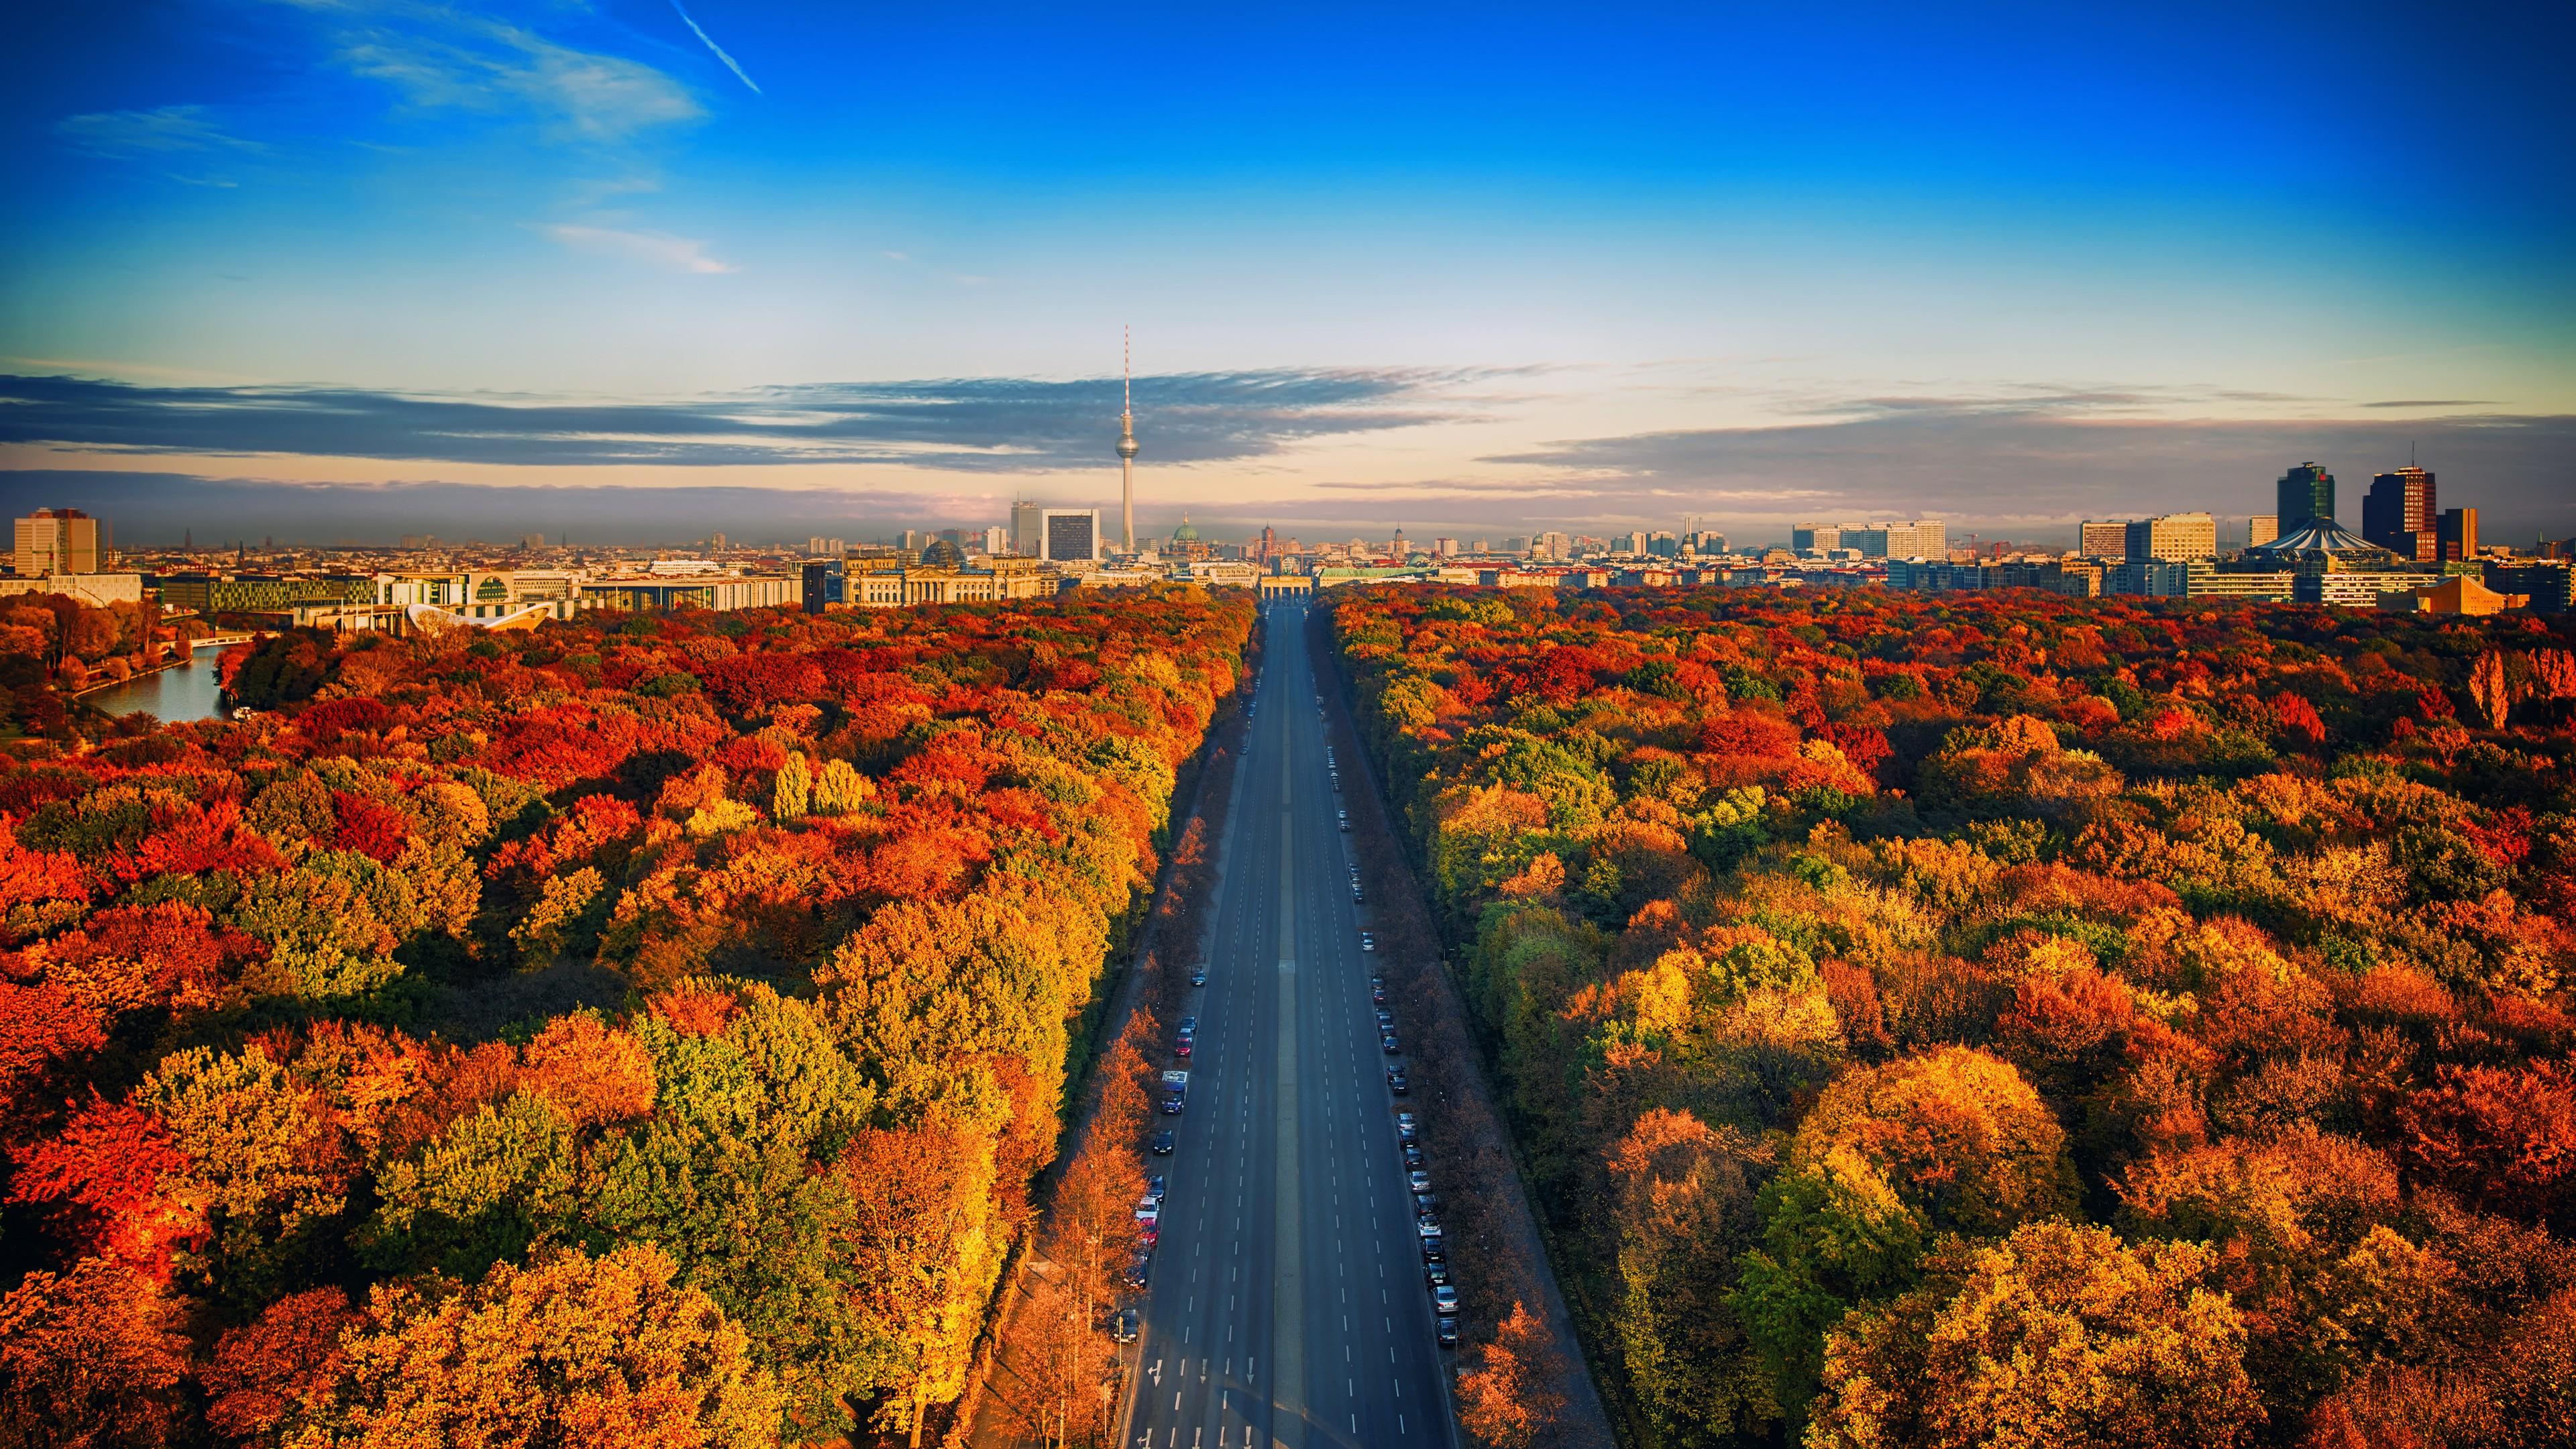 Красивый осенний парк с красно-рыжей и золотой листвой над ярко-синим безоблачным небом